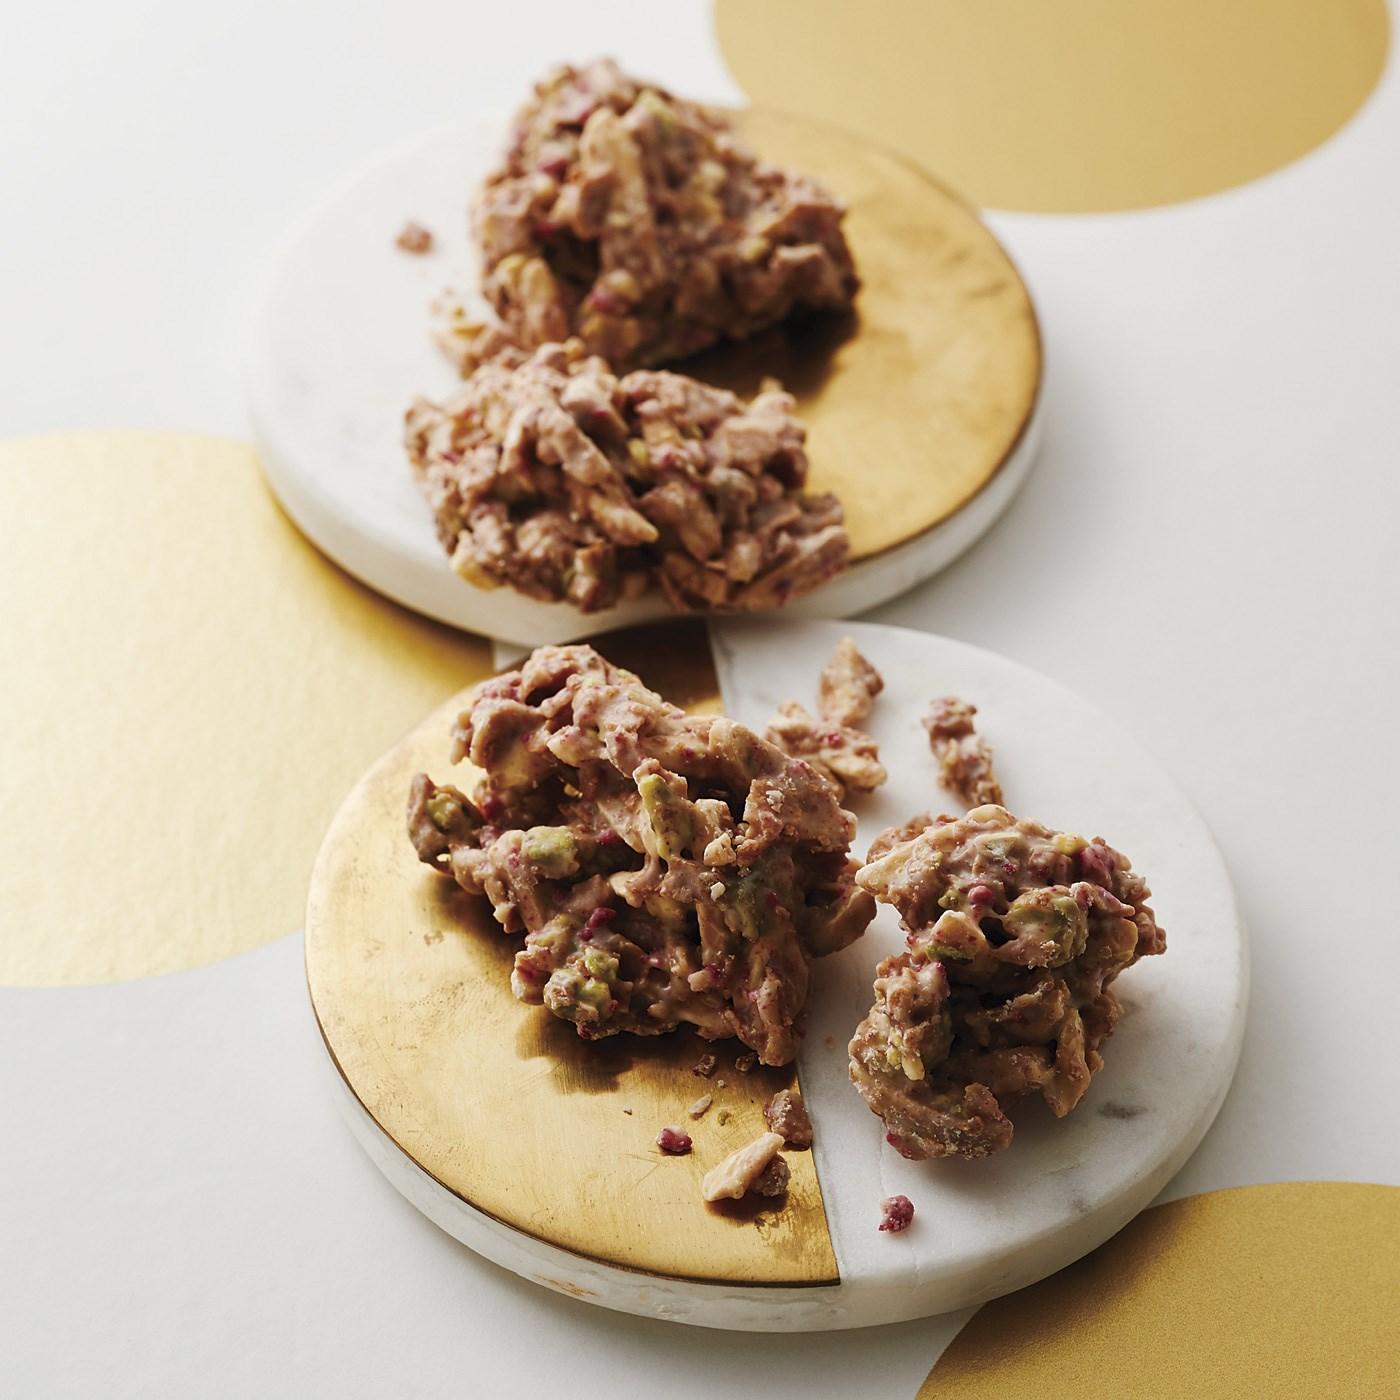 【ホワイトデイお届け】クリスティーナシスコチョコレート アーモンドクラスター